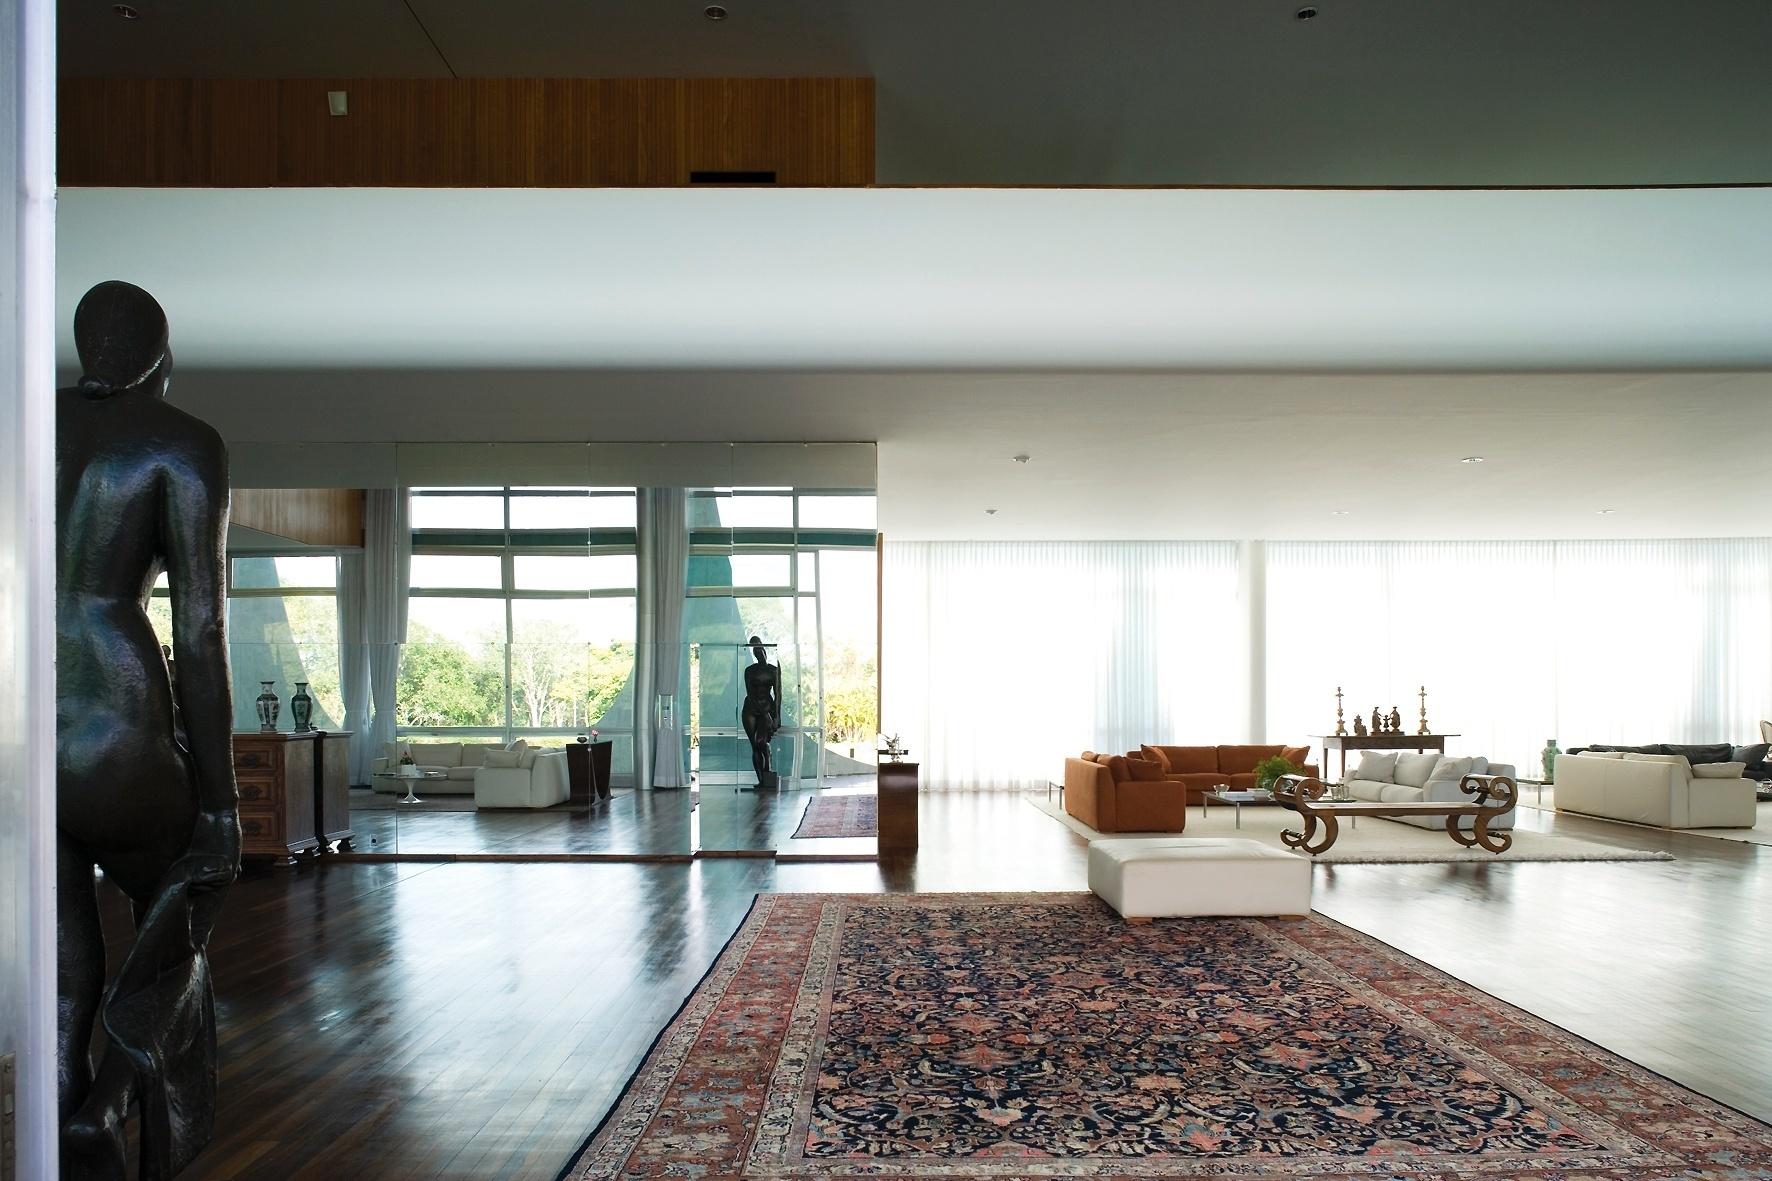 Deste ângulo observa-se três espaços no térreo do Palácio da Alvorada, projetado pelo arquiteto Oscar Niemeyer. O Salão Nobre, em primeiro plano, a Sala de Música (à esq.) e a Sala de Estar (ao fundo). Aqui também é possível visualizar parte do mezanino, onde está a ala íntima ocupada, atualmente, pela presidenta Dilma Rousseff e seus familiares